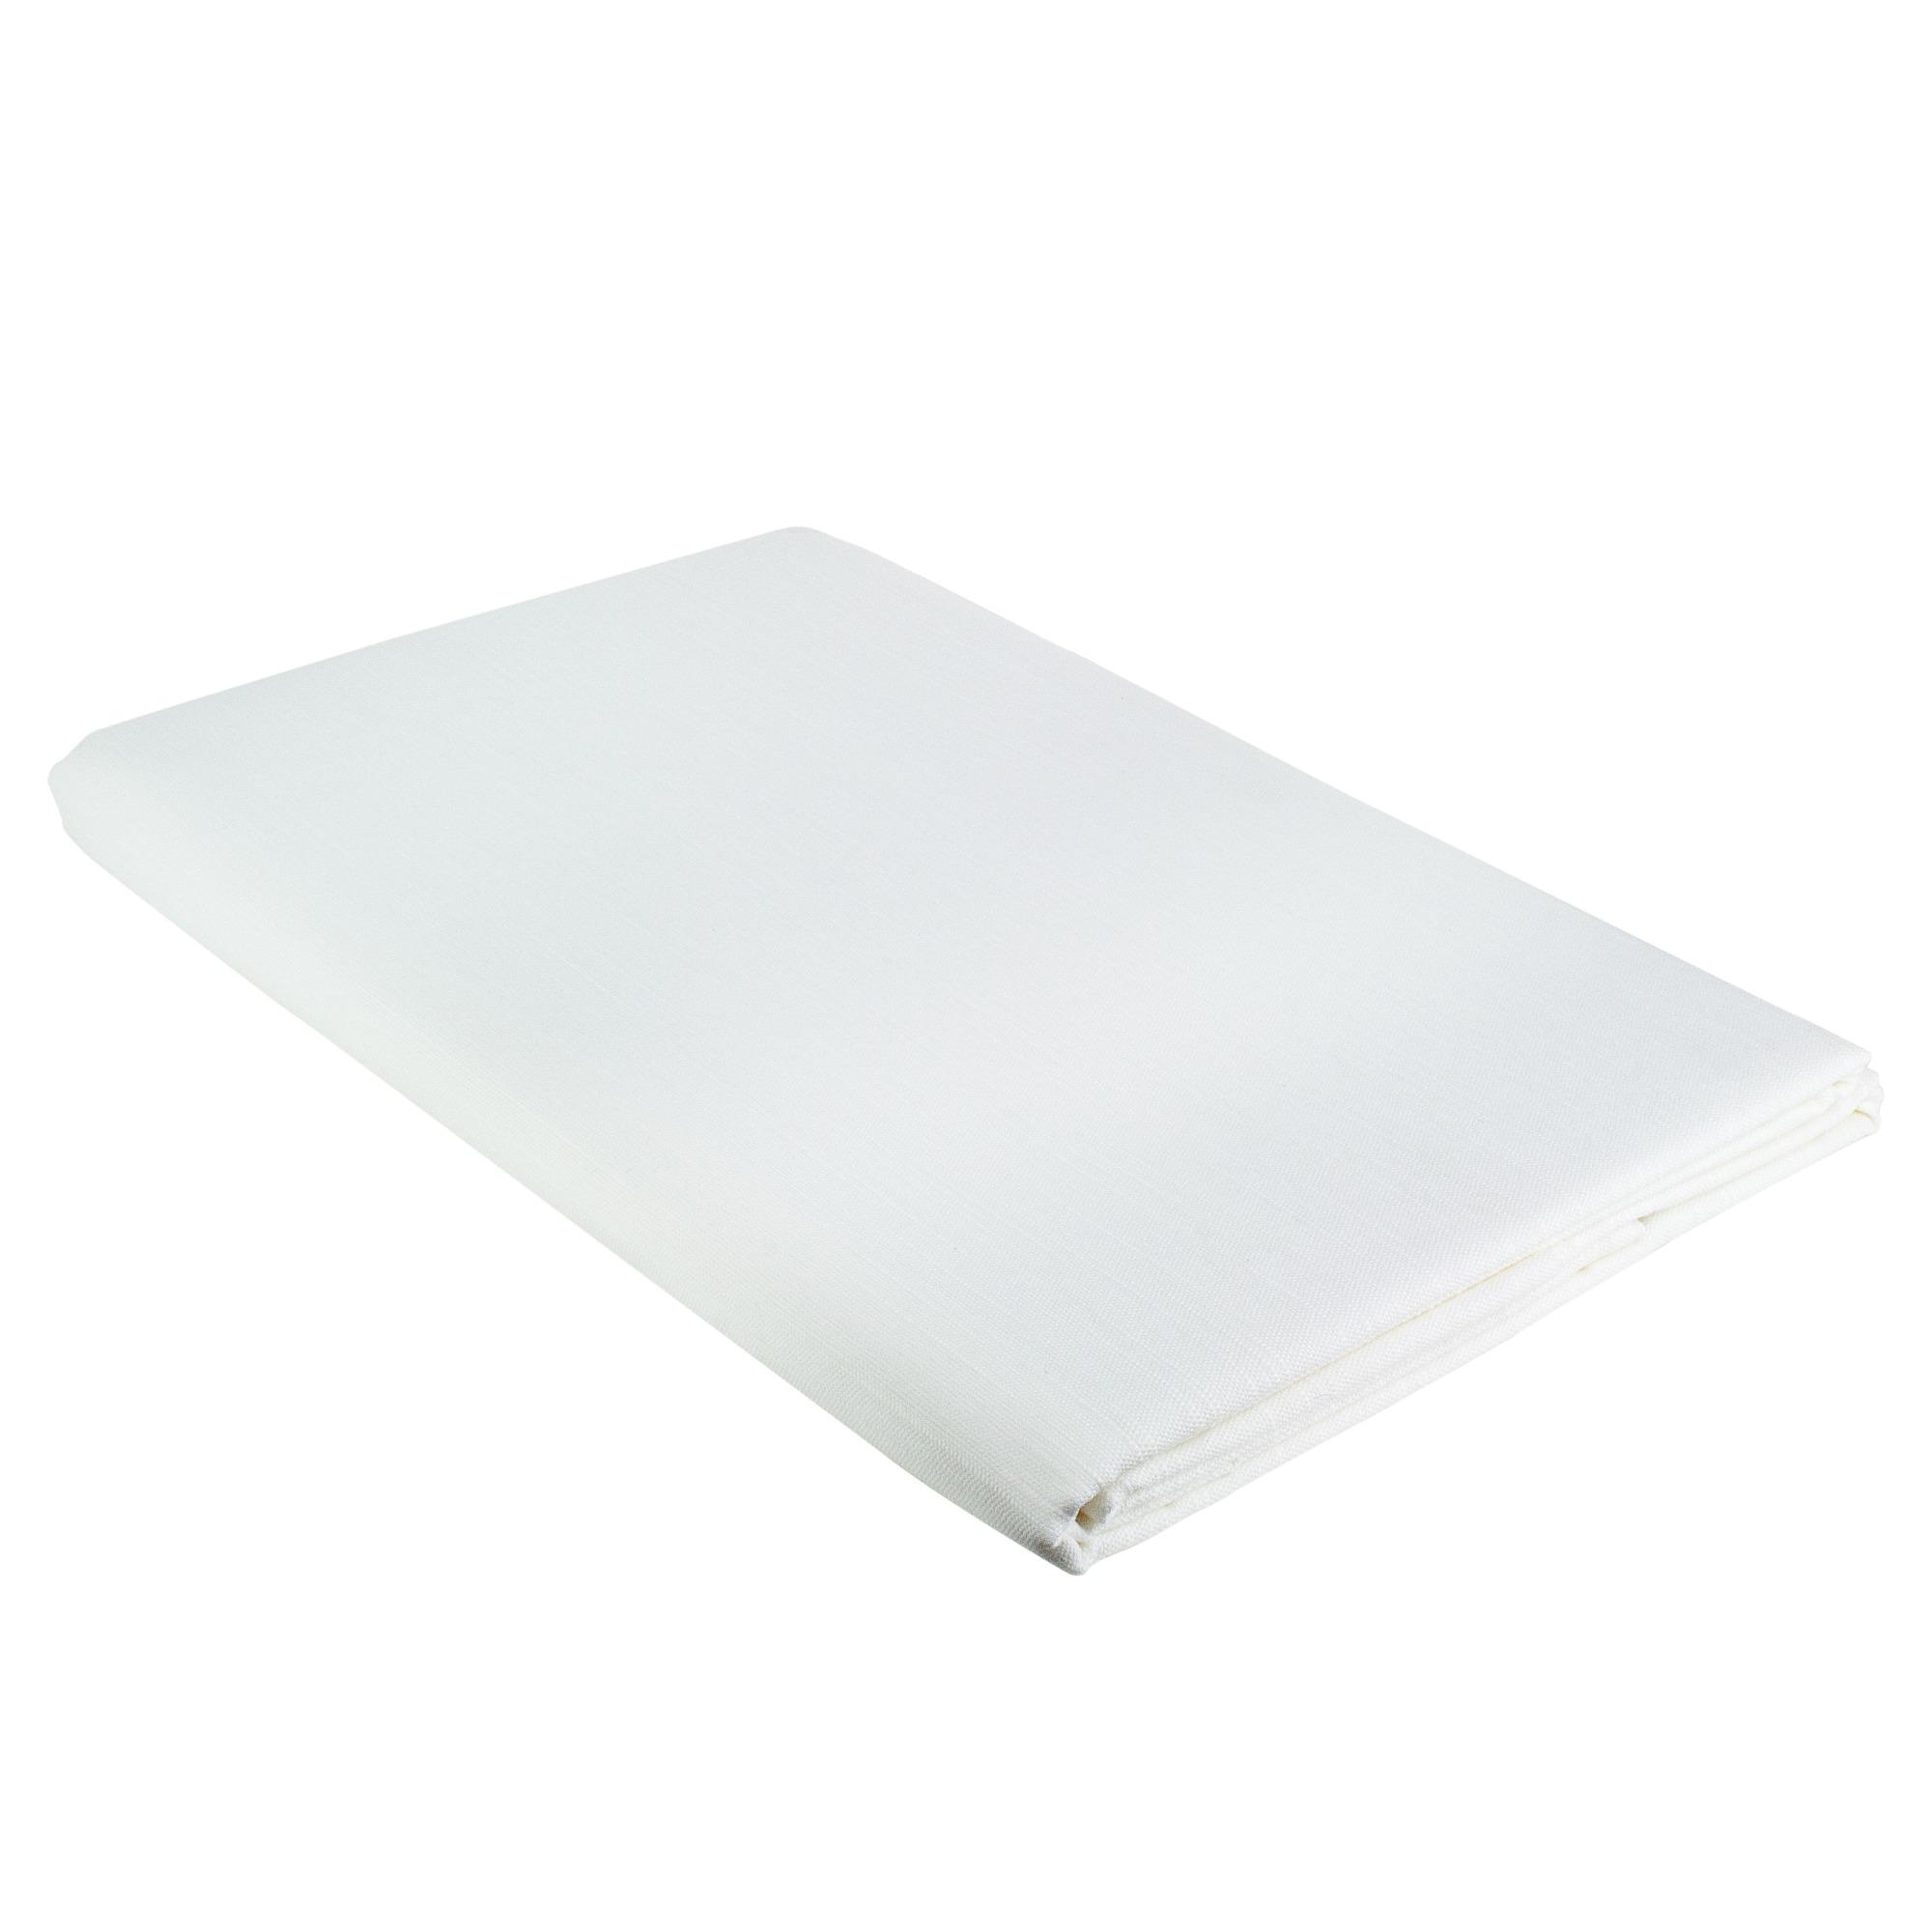 Toalha de Mesa 160x240cm Clean Passion Liso - Dohler